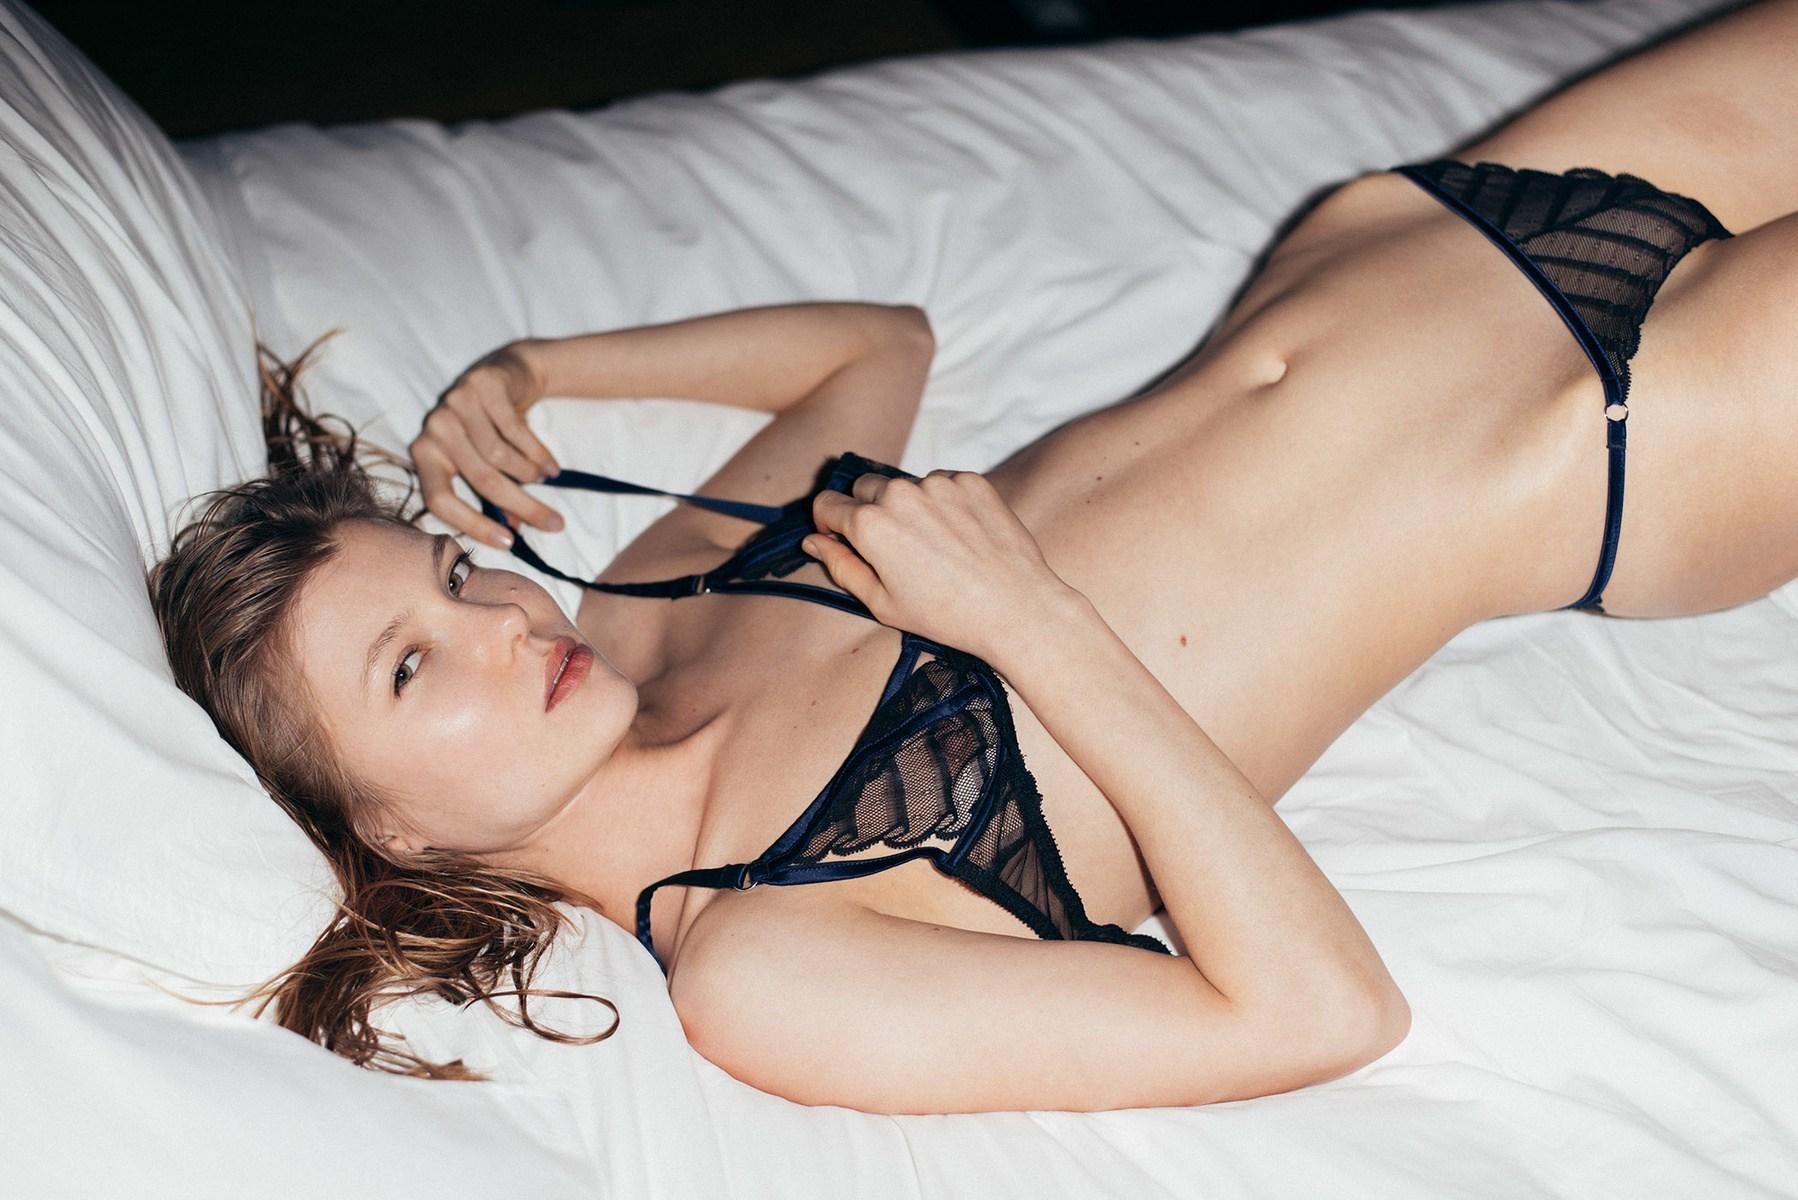 hogyan viszonyulnak a lányok a kis péniszhez Az üzbégeknek péniszük van